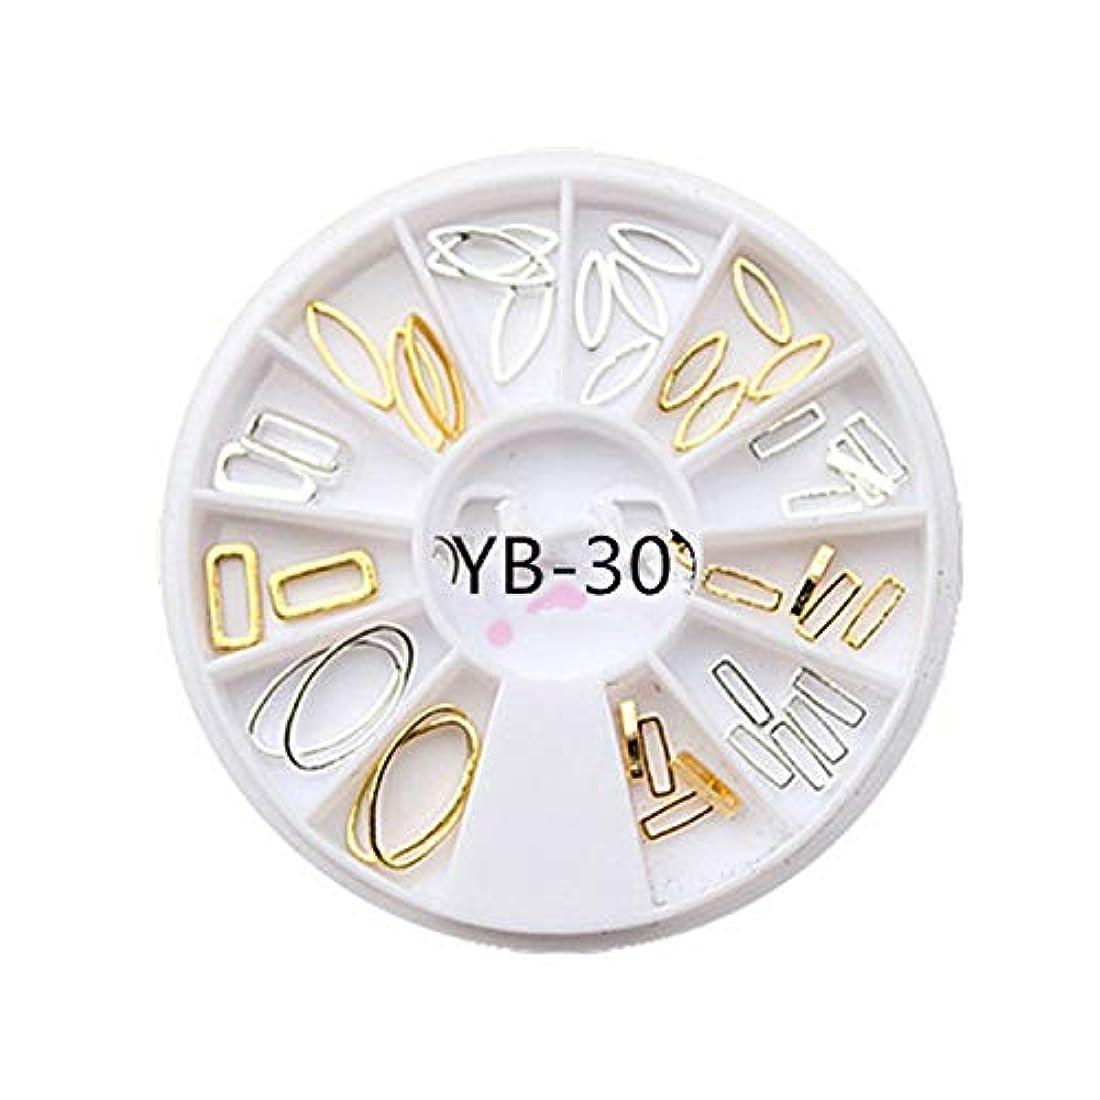 助けてフェロー諸島細部手足ビューティーケア 3ピースdiyマニキュアディスク飾りアーク金属リング不規則フレーム中空馬の目のリベット光線療法ネイルデコレーション (色 : YB-30)